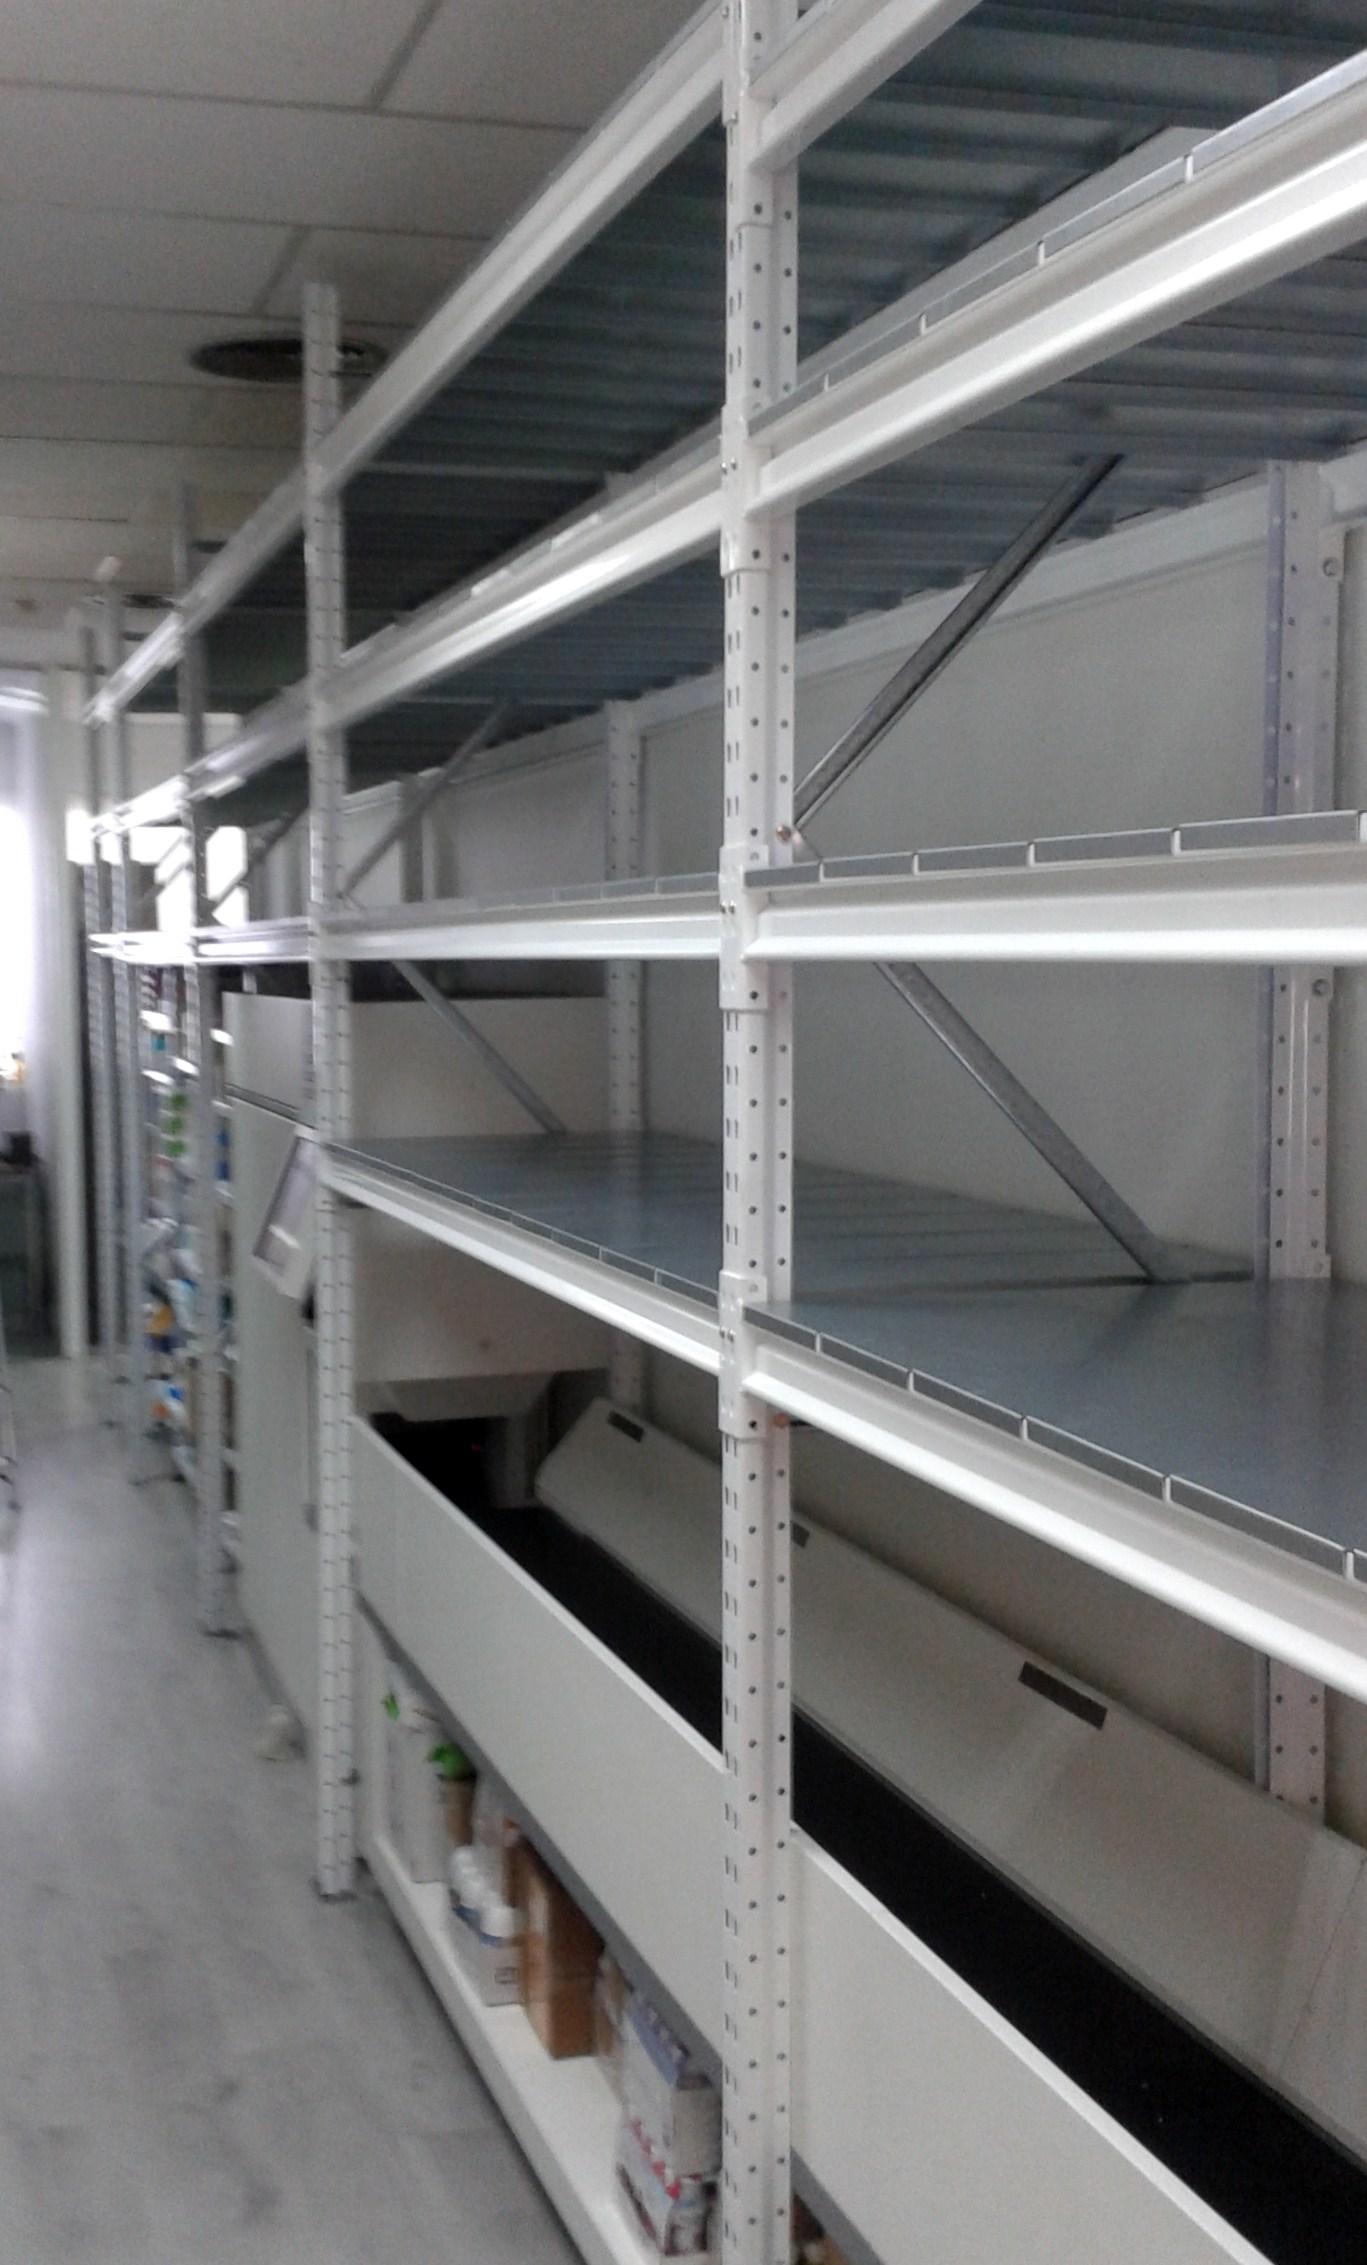 Estanterias metalicas de media carga con estante metalico - Estanterias metalicas blancas ...